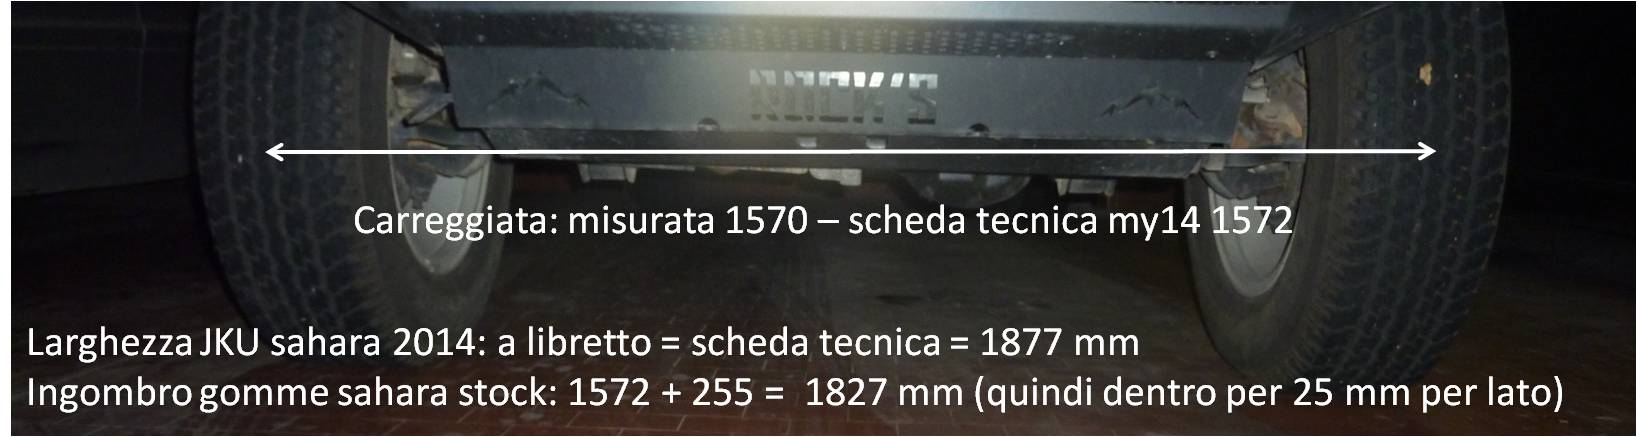 315/70 R17 cerchi e parafanghi Facciamo il punto Carreg11